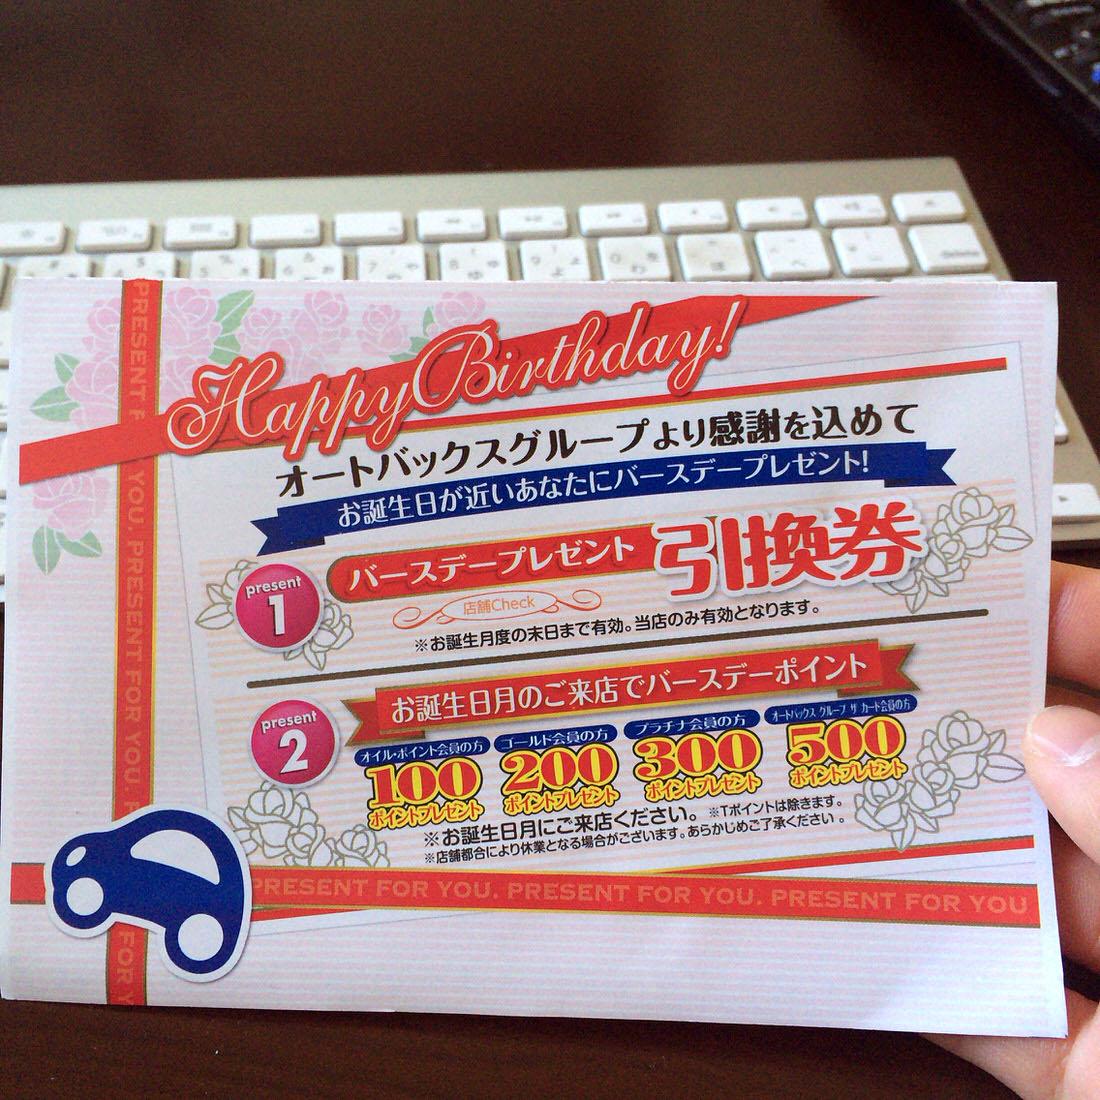 オートバックスの誕生日月に貰えるバースデープレゼントを実際にもらってきたのでレビュー!